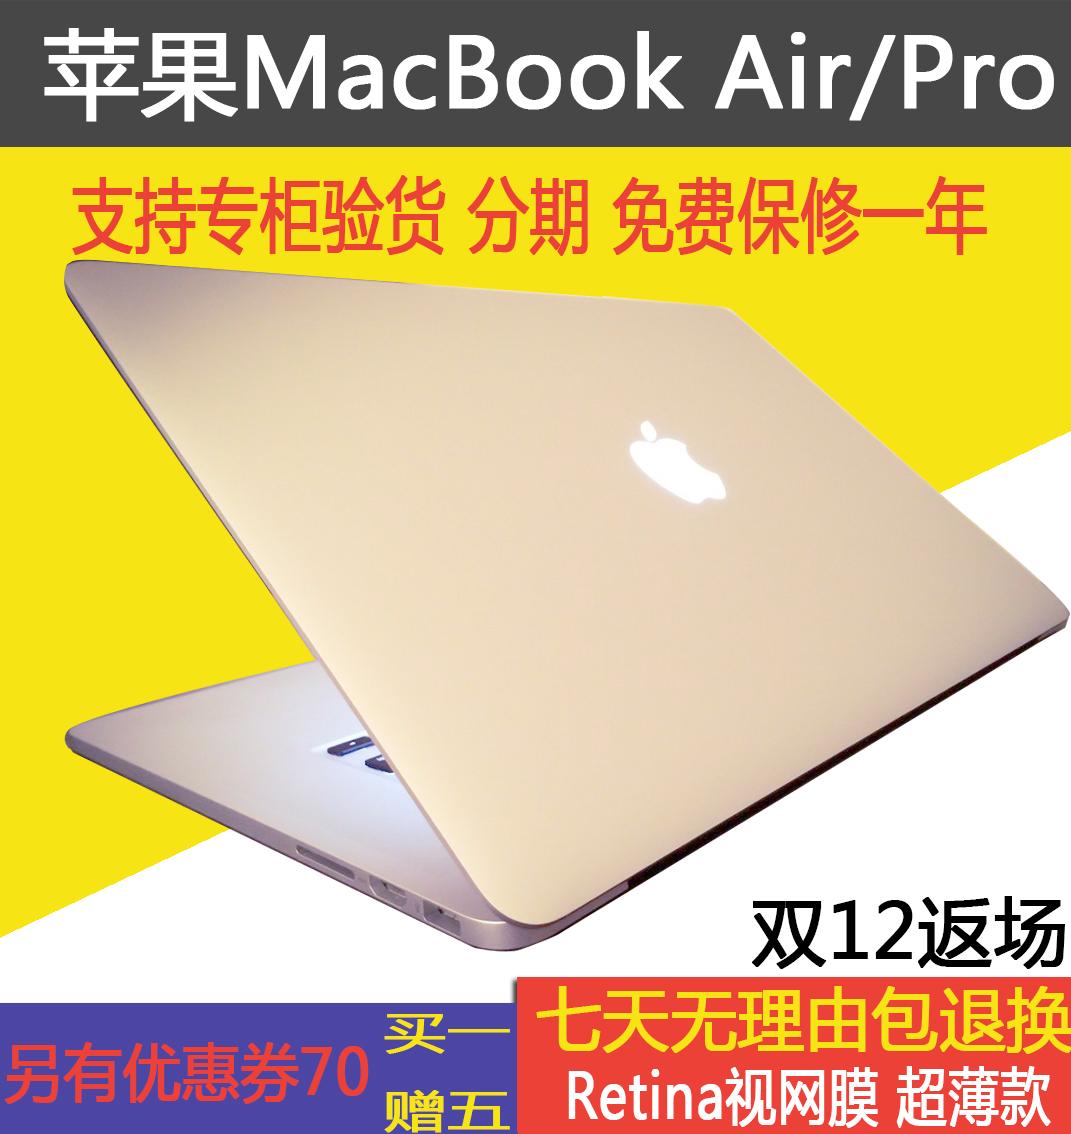 二手苹果笔记本电脑Apple/苹果MacBook Air Pro 超薄i5独显手提本